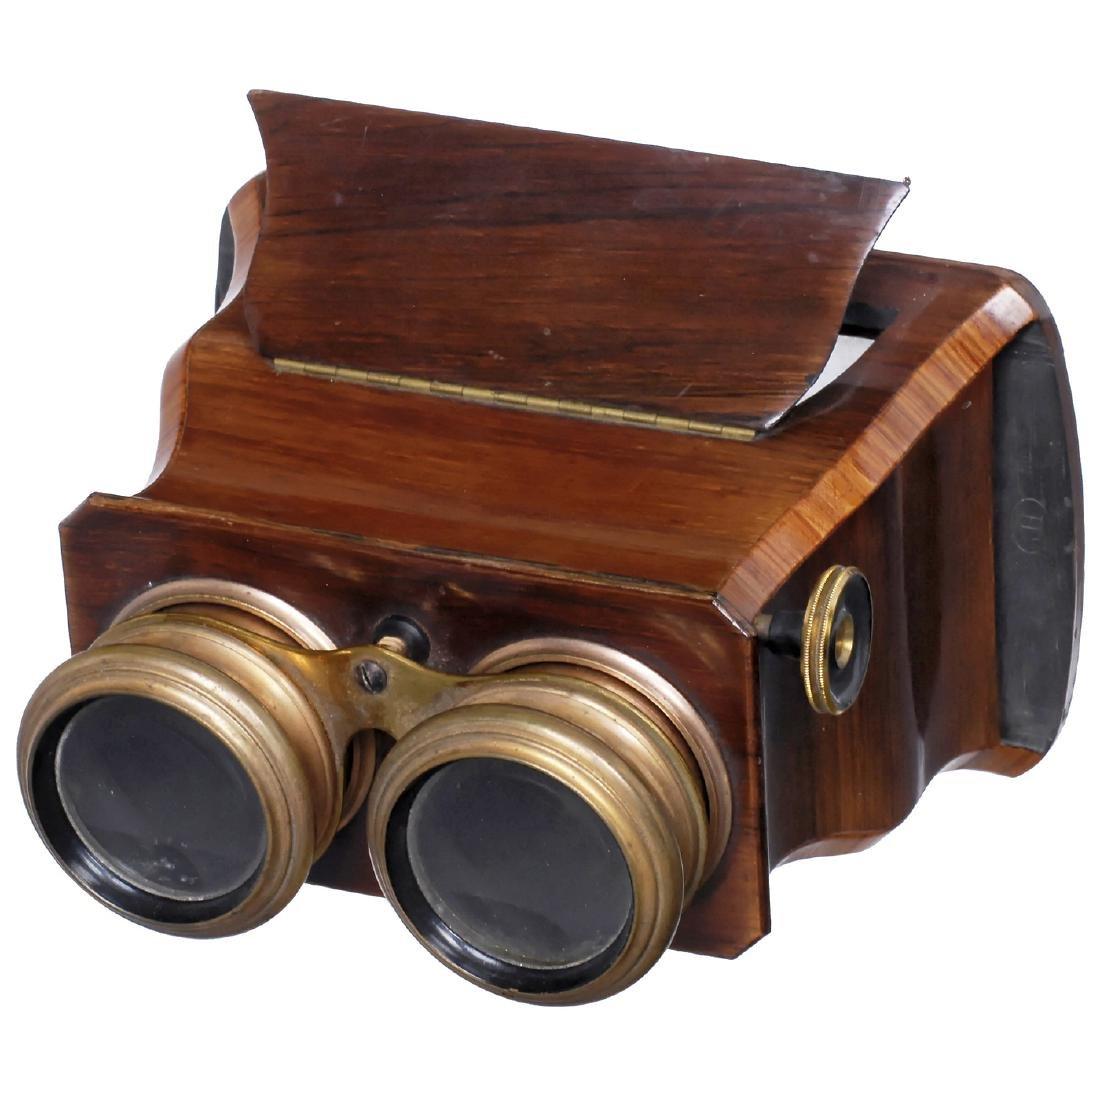 Stereo Viewer by Negretti & Zambra, c. 1880